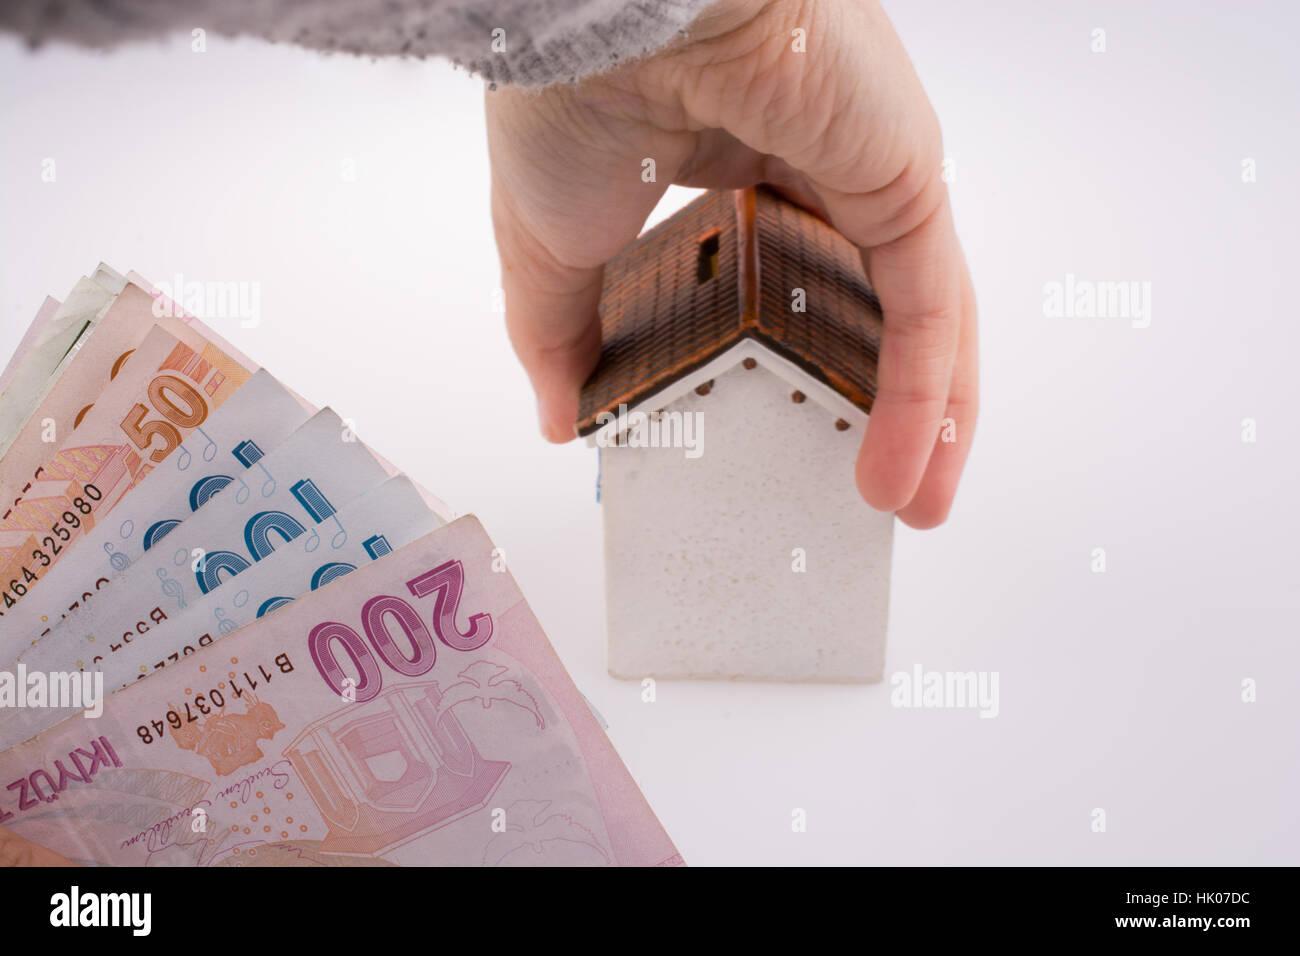 Main tenant un modèle interne par le côté de la livre turque, le fond blanc Photo Stock